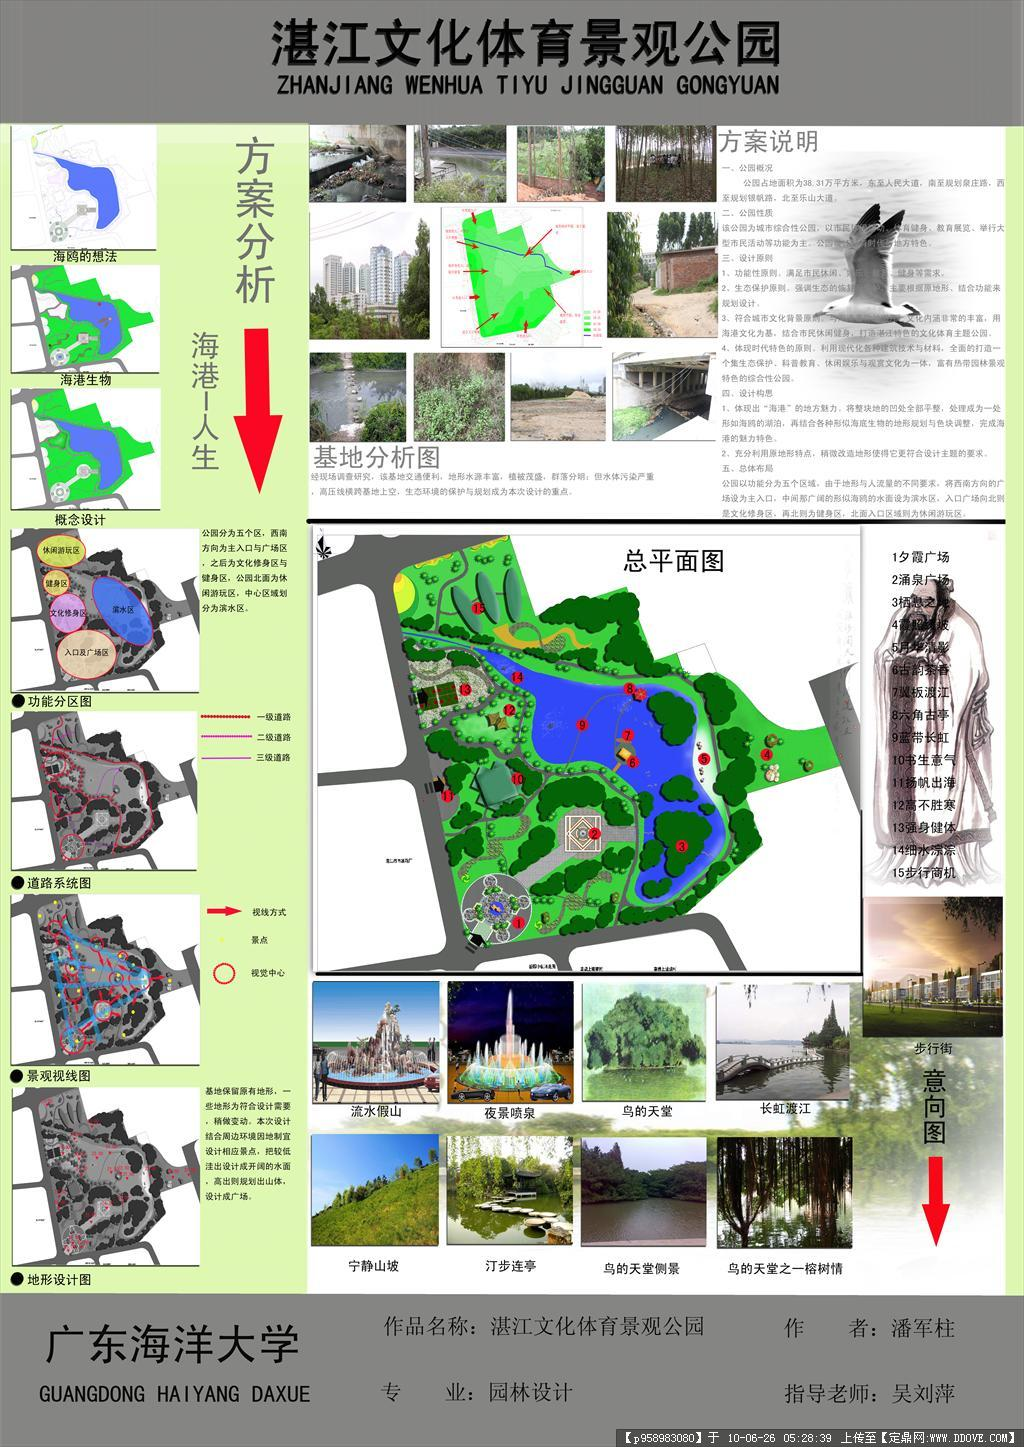 湛江文化体育公园景观设计-超大展板一张的下载地址